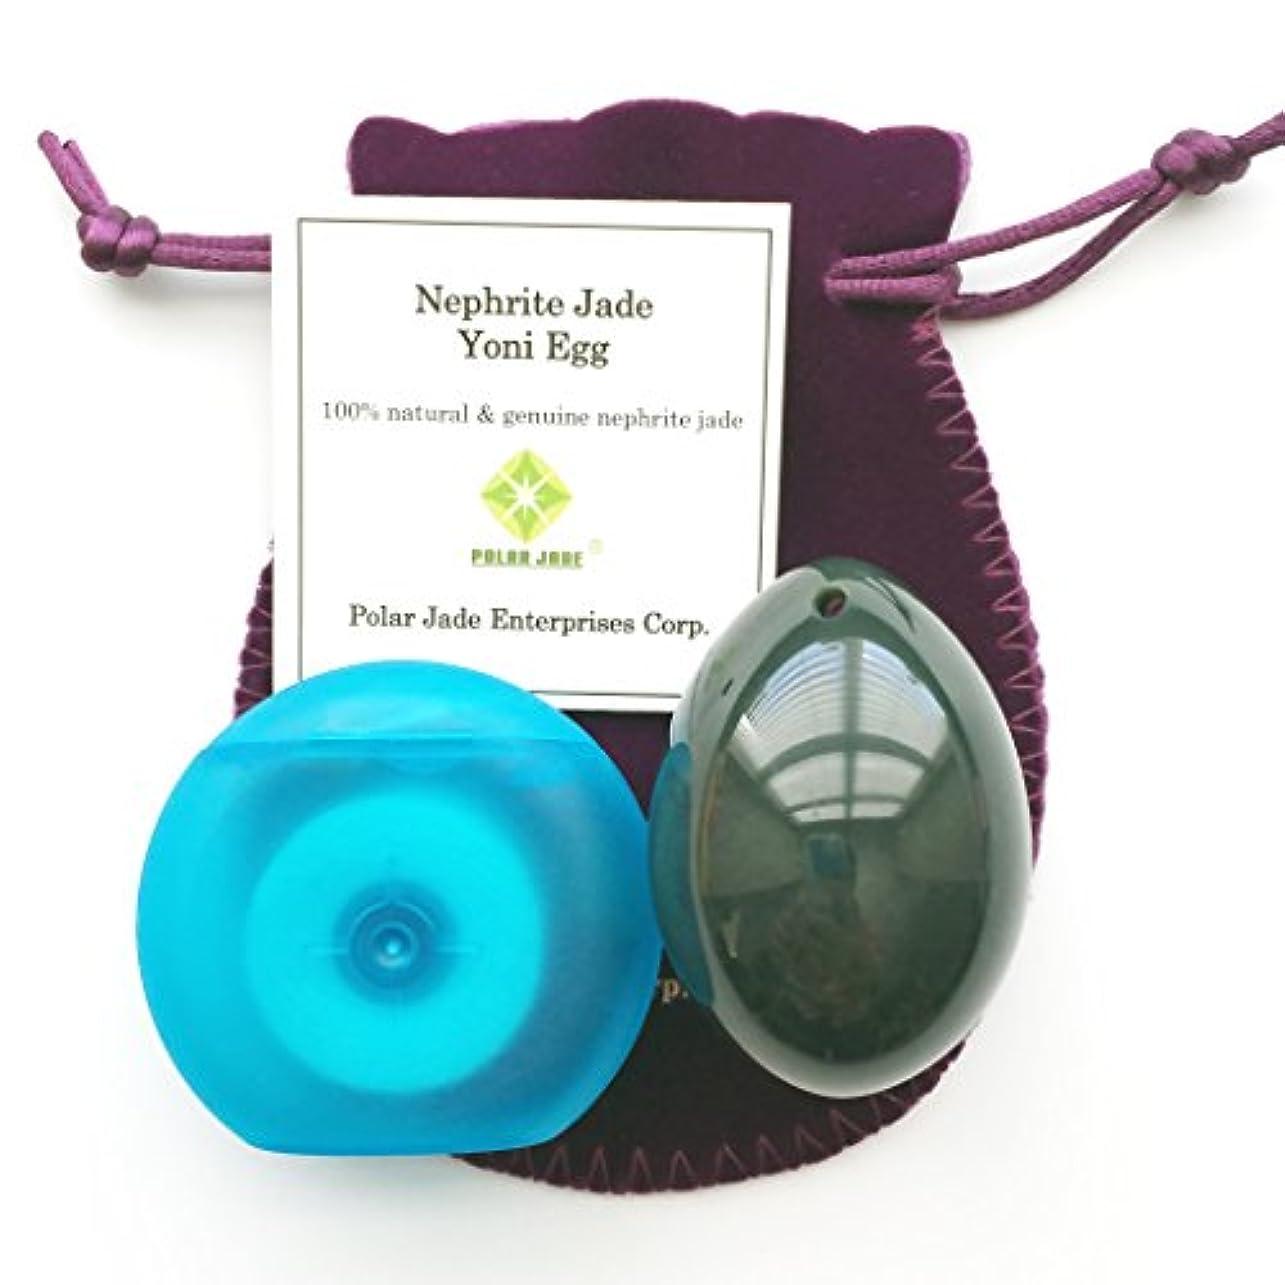 矢印囲い考えるネフライト翡翠卵(ジェイドエッグ)、紐穴あり、ワックス加工のされていないデンタルフロス一箱同梱、品質証明書及びエッグ?エクササイズの使用説明書(英語)付き、パワーストーンとしても好適 (Nephrite Jade Egg with Unwaxed Dental Floss), by Polar Jade社(Lサイズ(50x35mm))